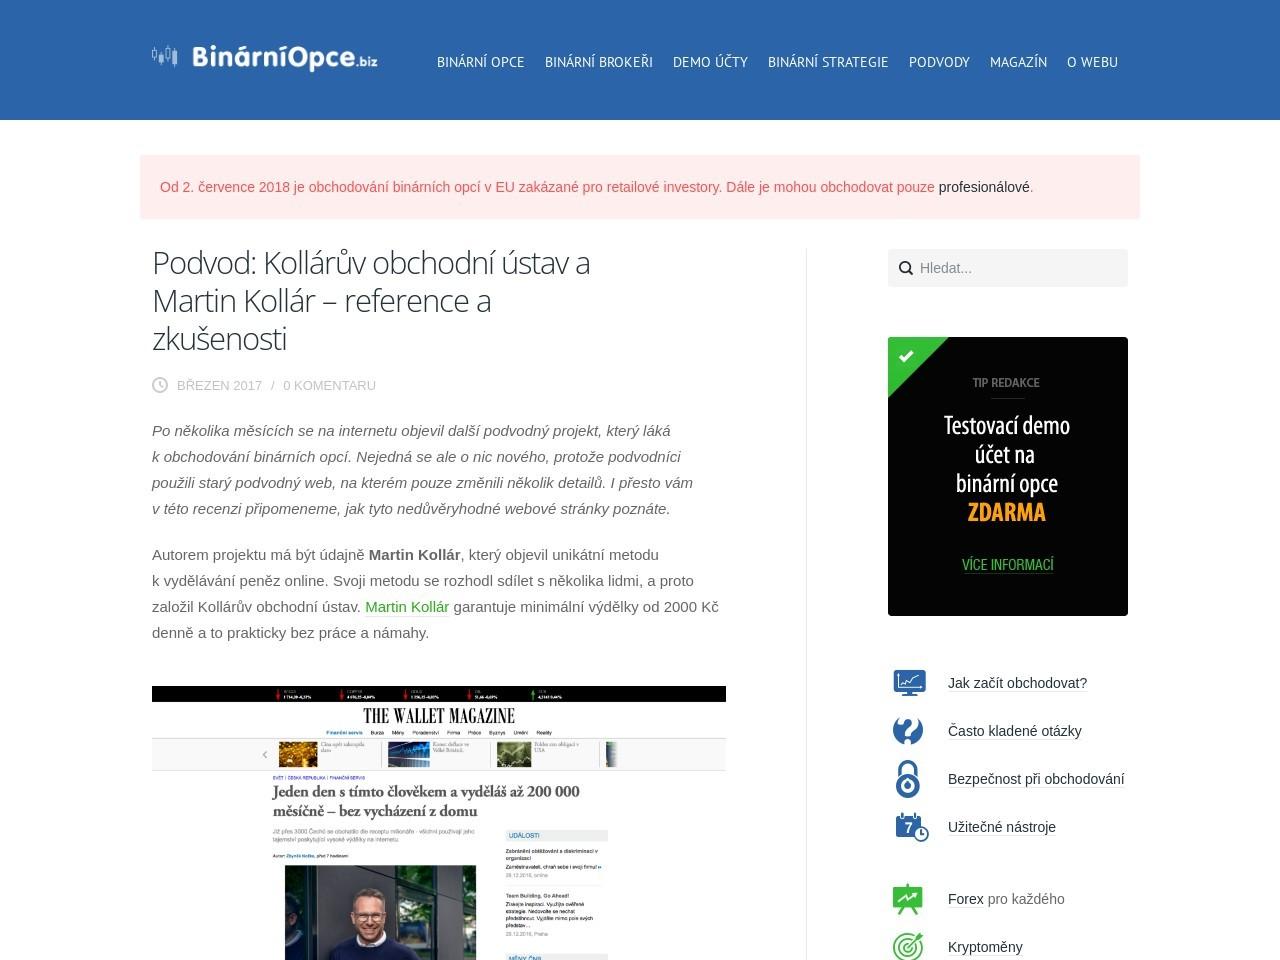 Podvod: Kollárův obchodní ústav a Martin Kollár – reference a zkušenosti (Zdroj: Wordpress.com)